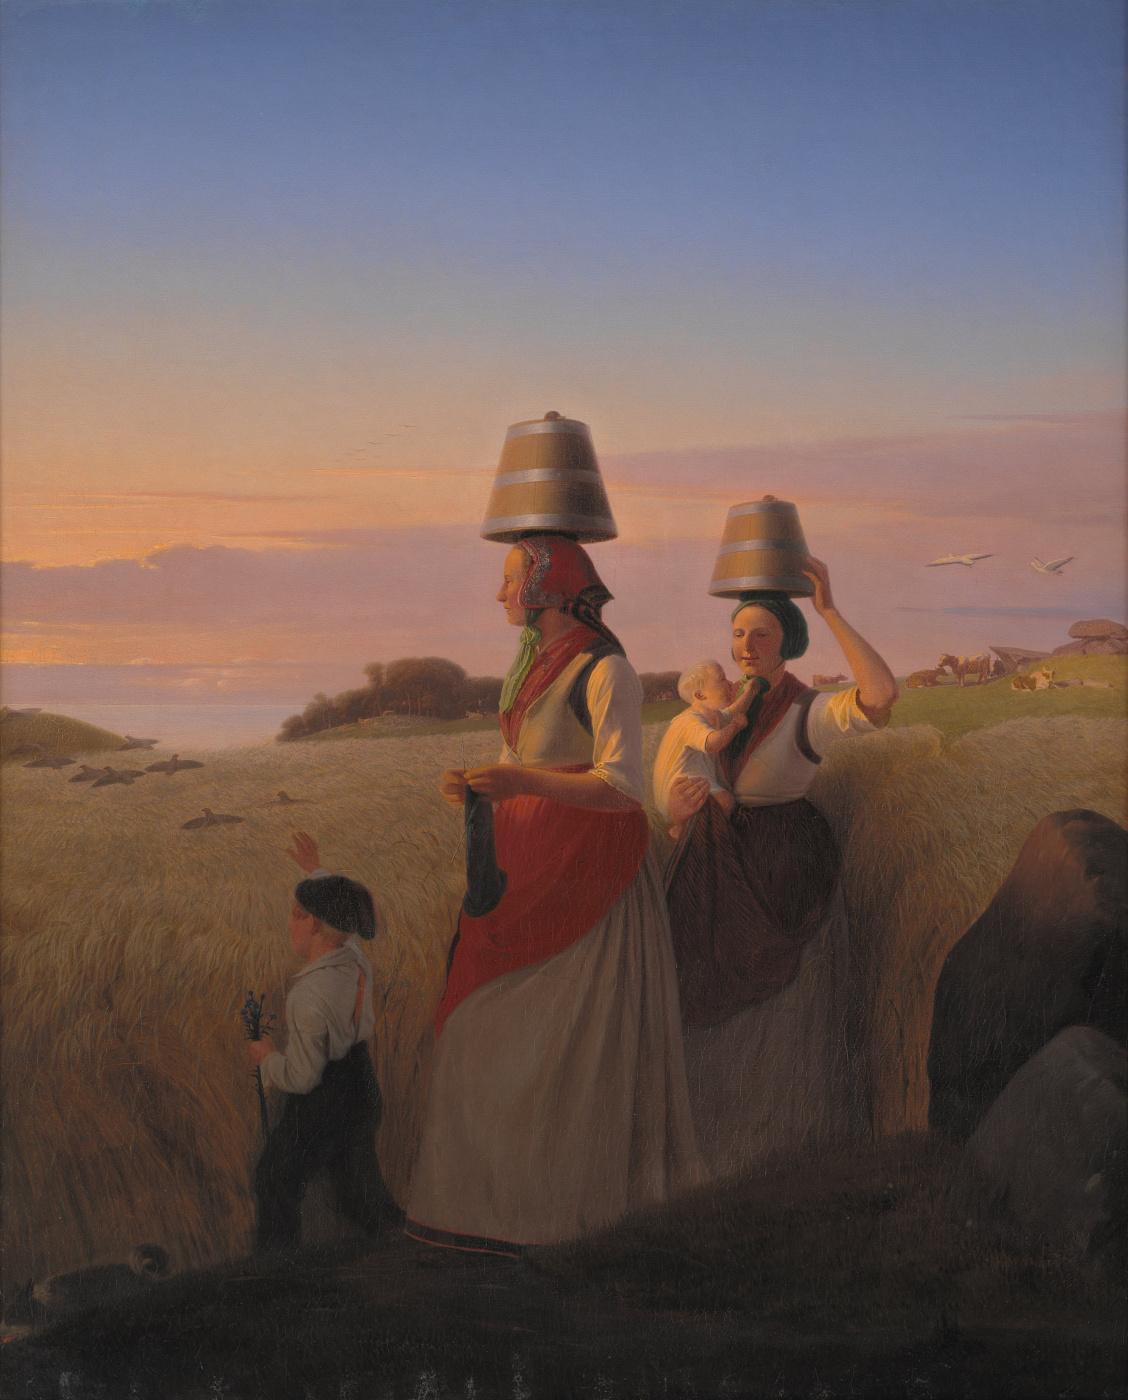 Jergen Valentine Sonne. Scene from village life